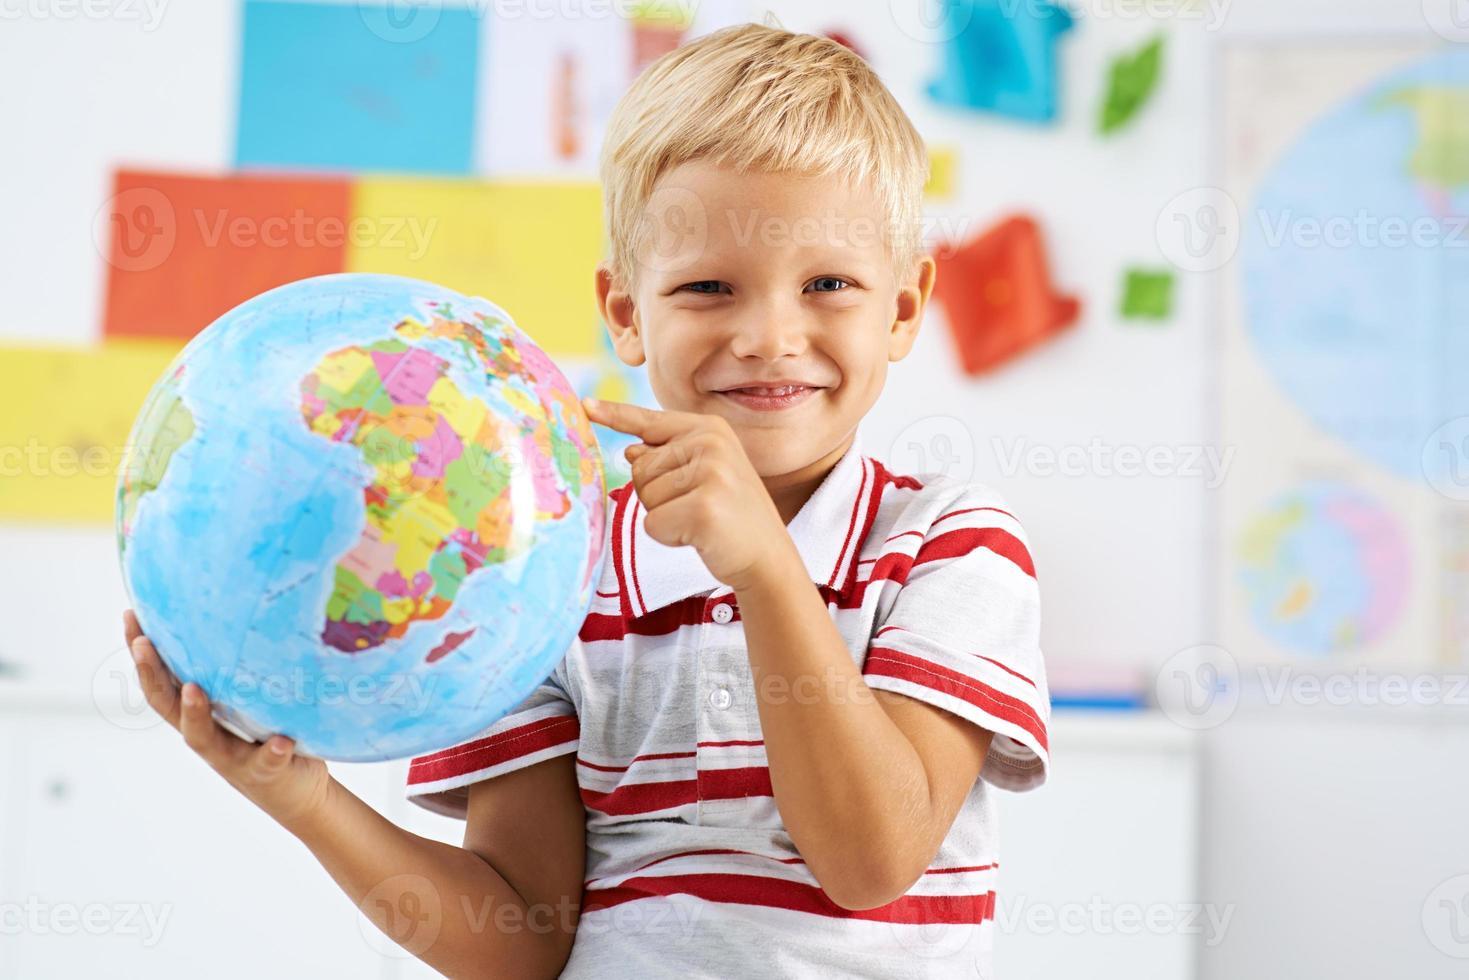 Geographie studieren foto